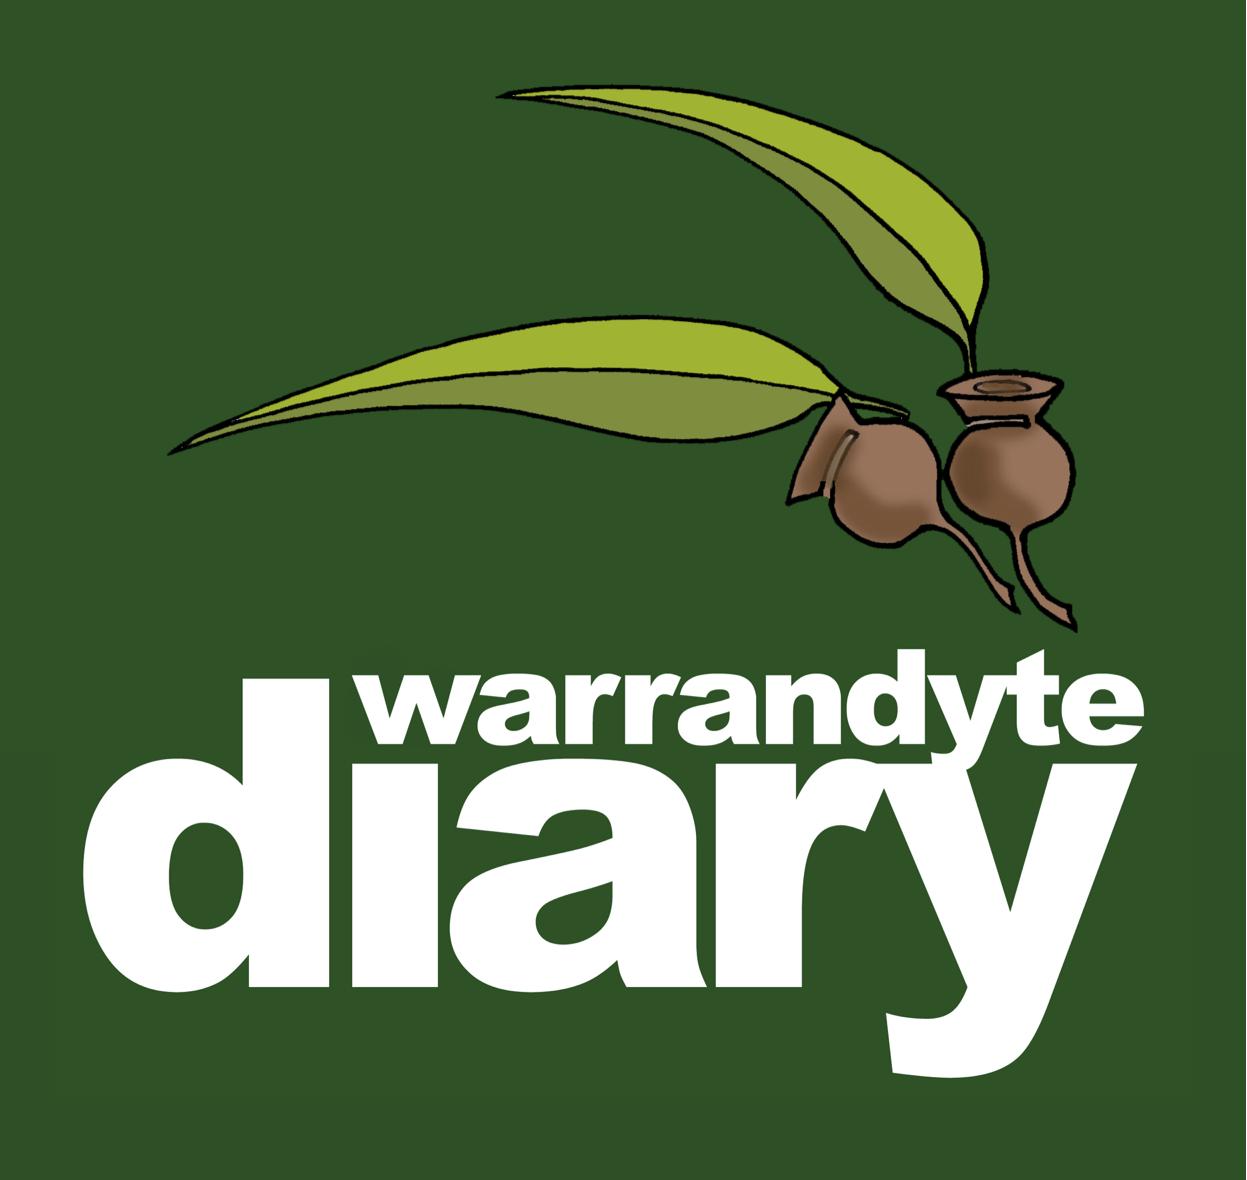 Warrandyte Diary Scott Podmore Editor (03) 9844 0555 0403 169 727 www.warrandytediary.com.au www.fac